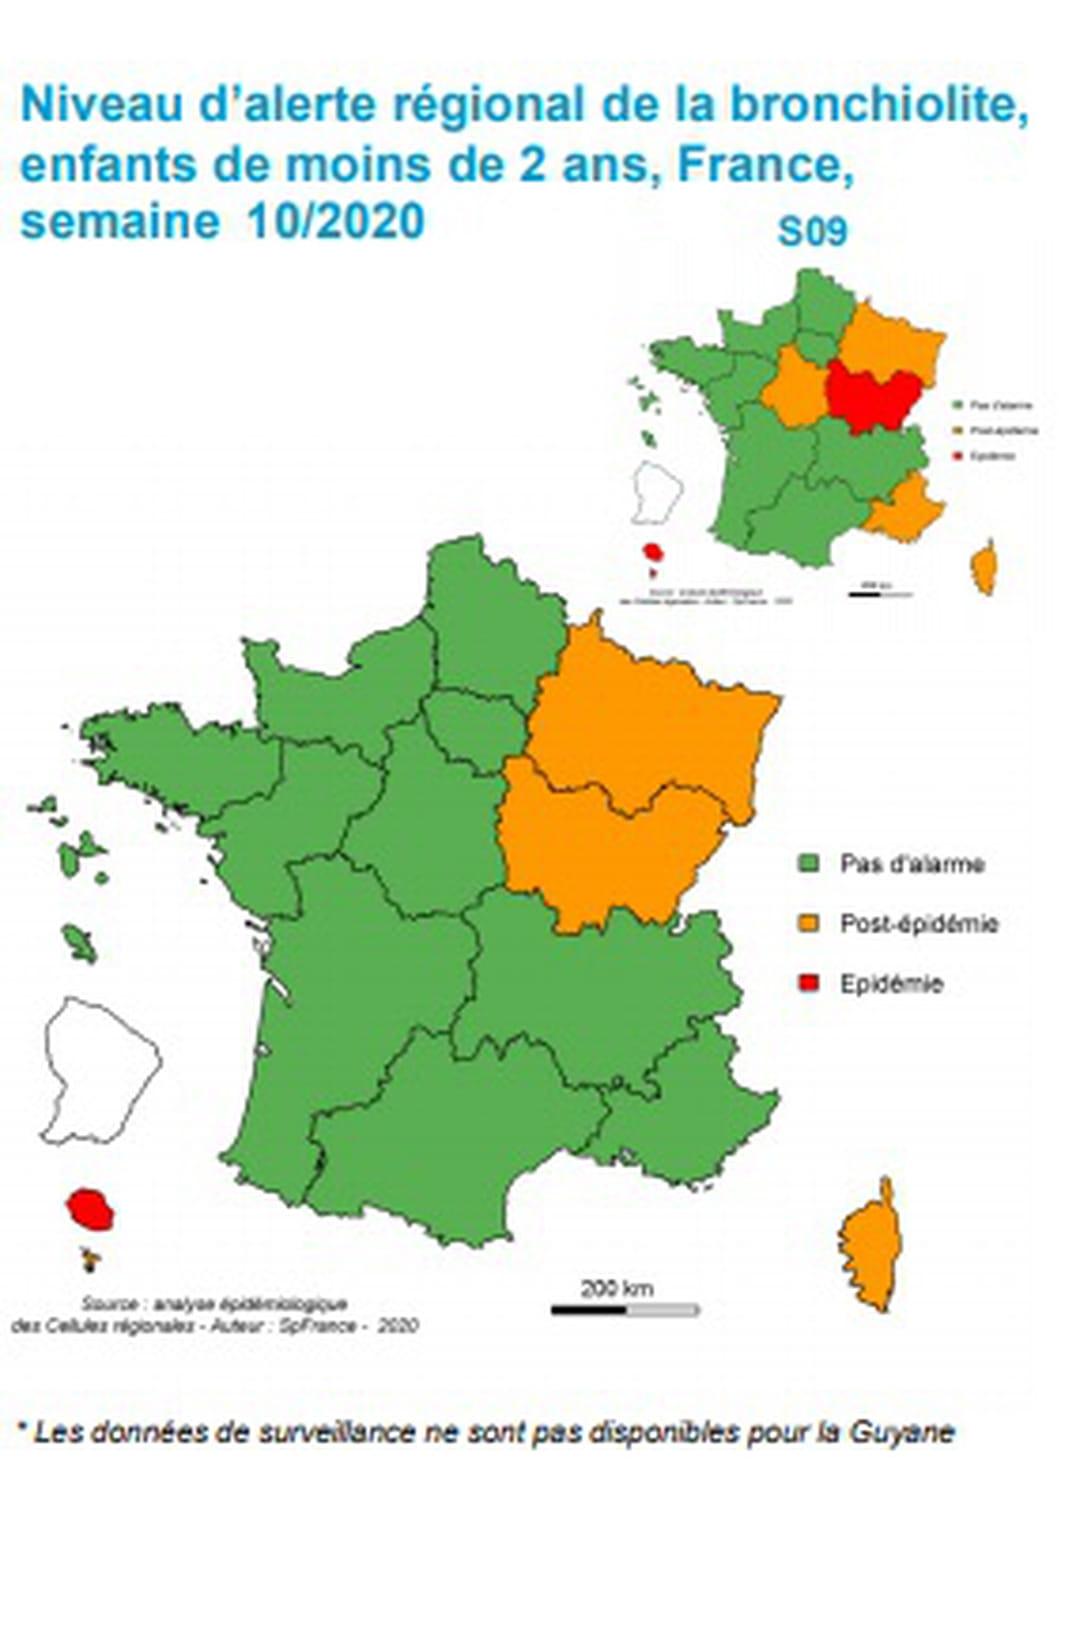 Bronchiolite : Symptômes Chez Le Bébé Et Le Nourrisson tout Carte De France Pour Les Enfants